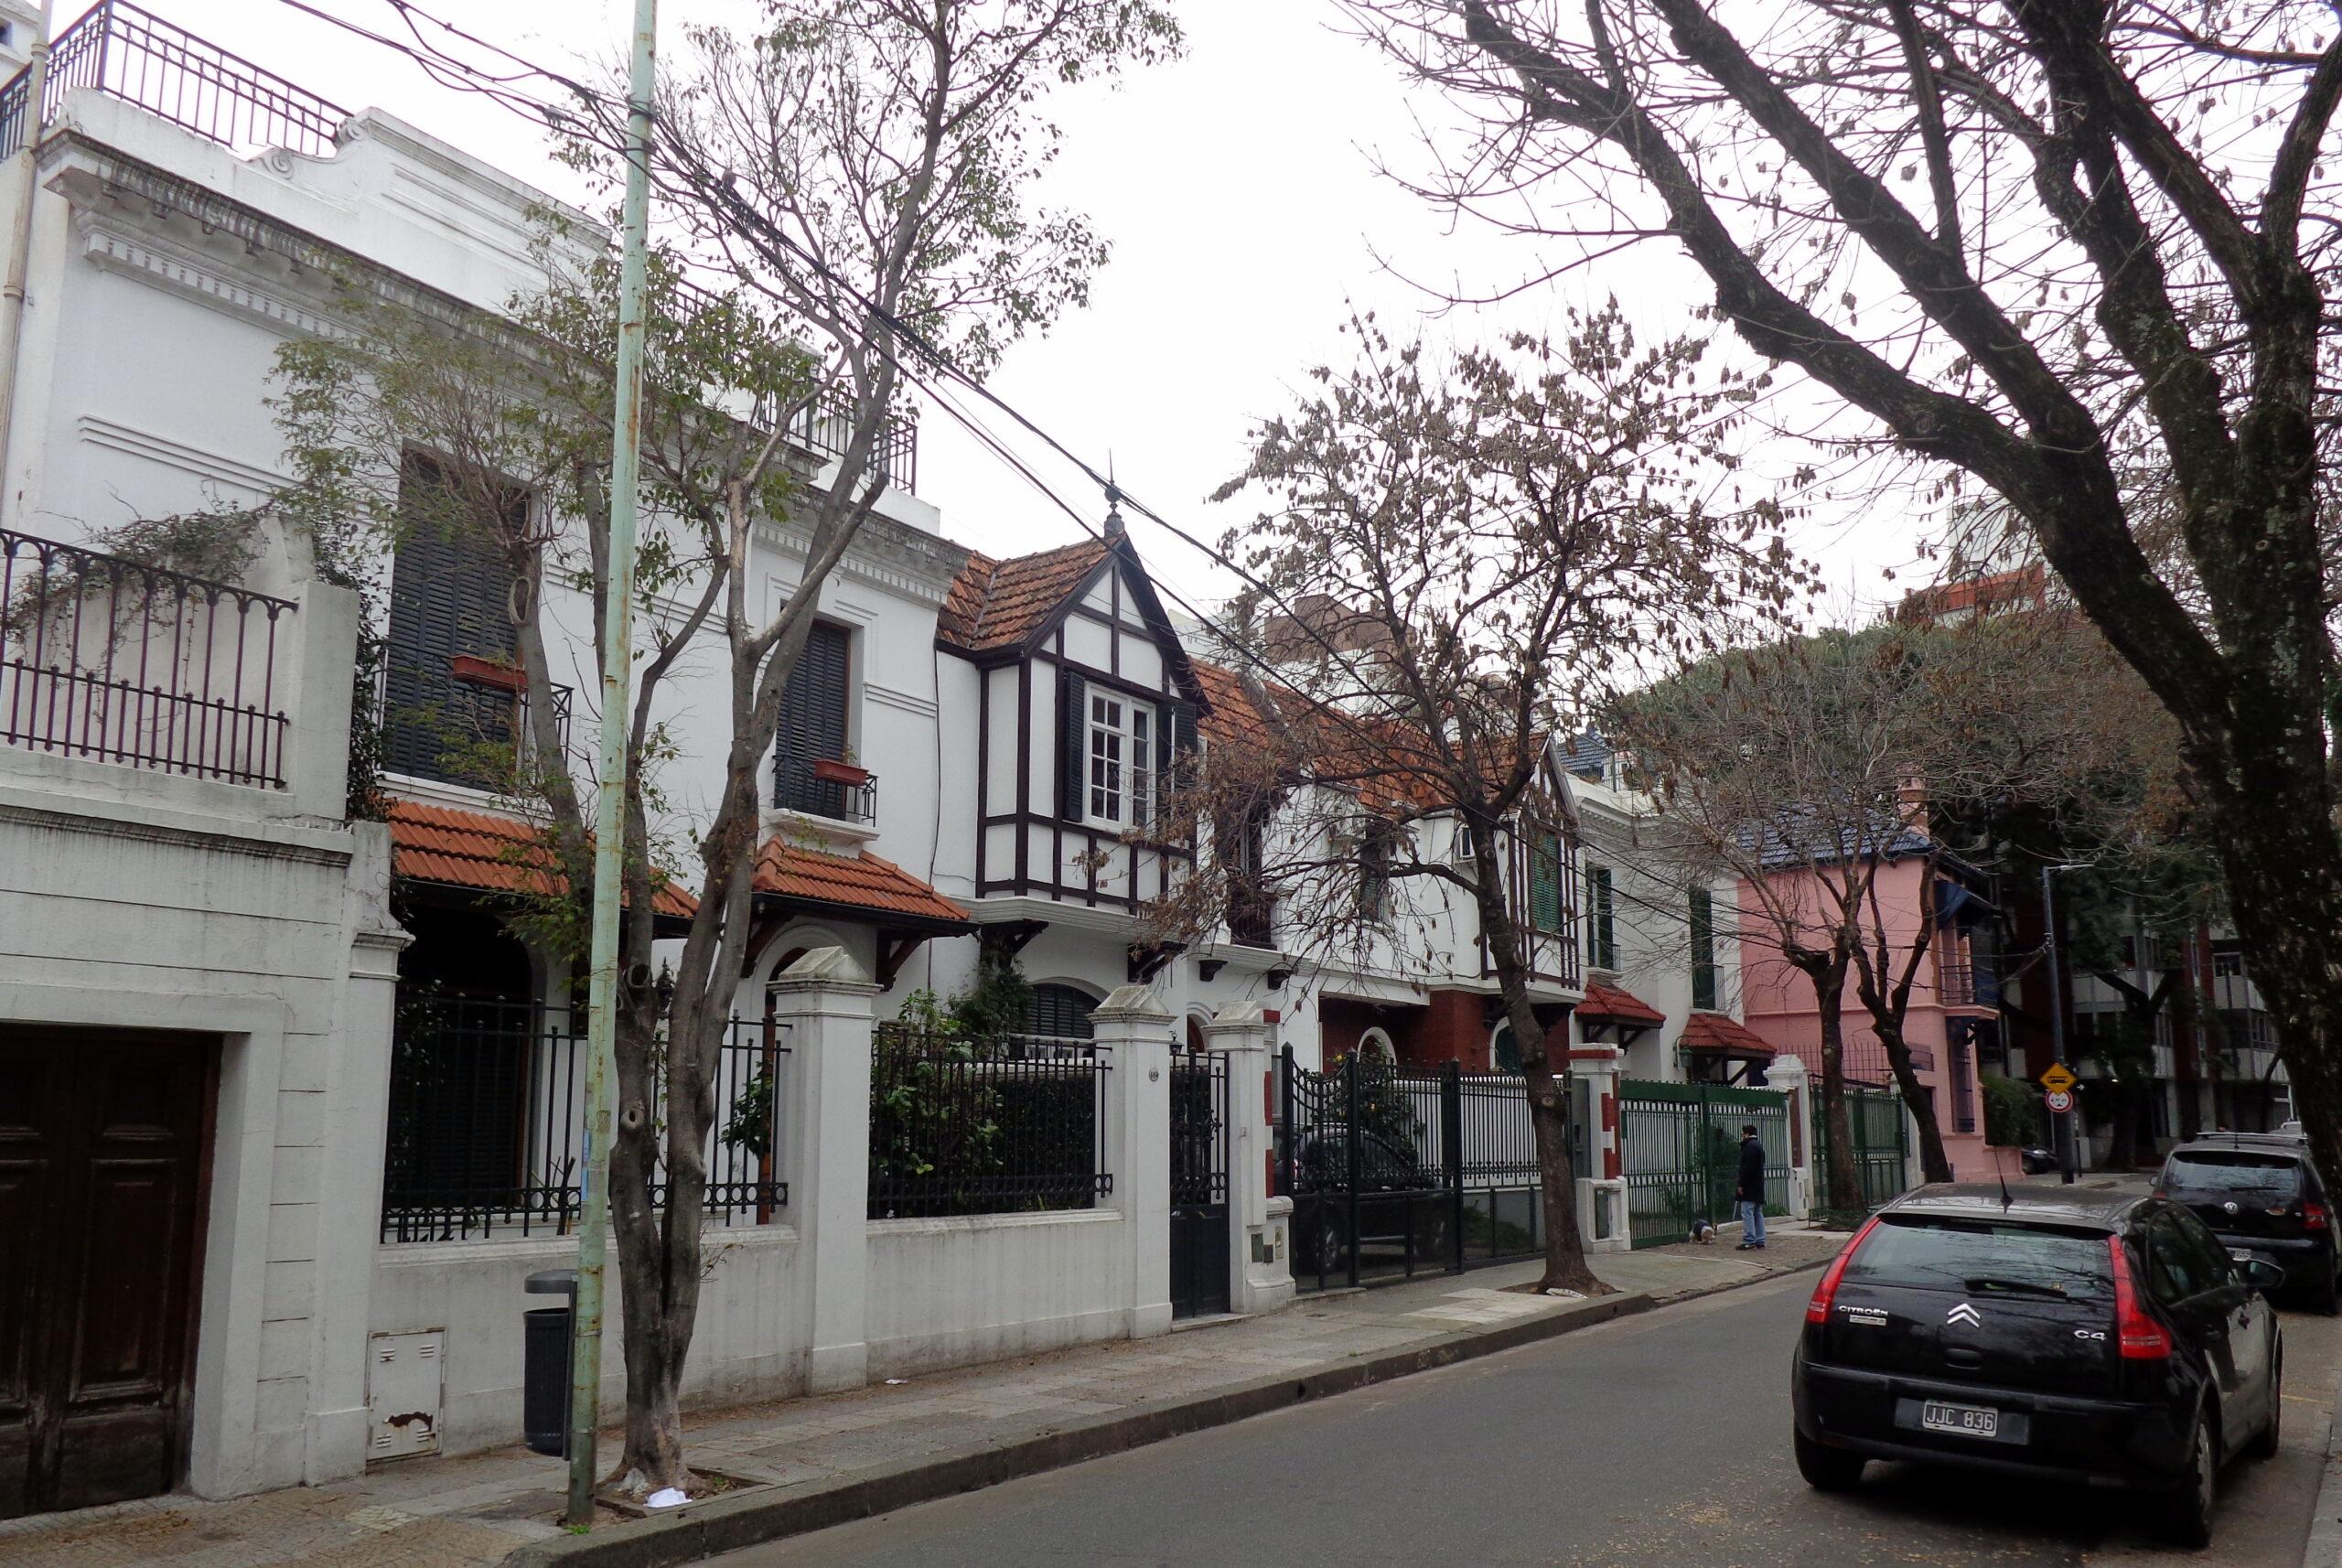 melhores-bairros-de-Buenos-Aires-caballito